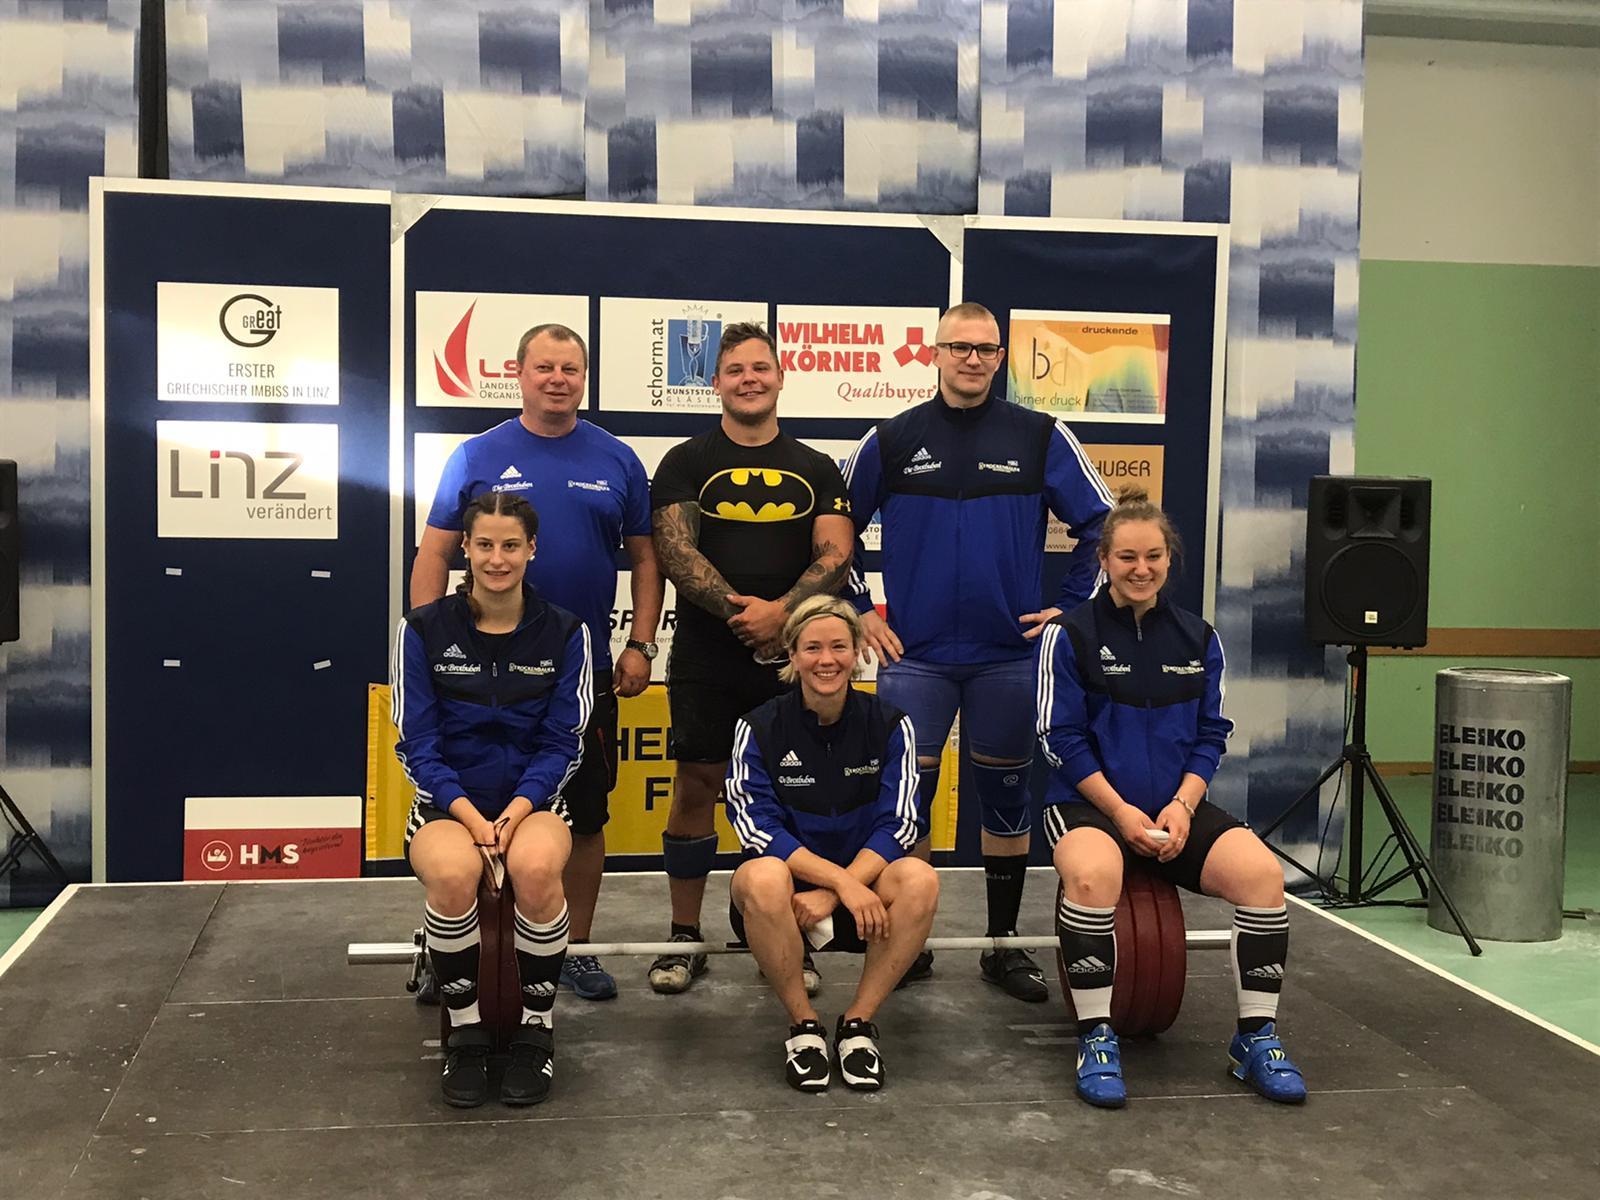 19.06.2021 - 0: 3 - Niederlage gegen SK Vöest Linz